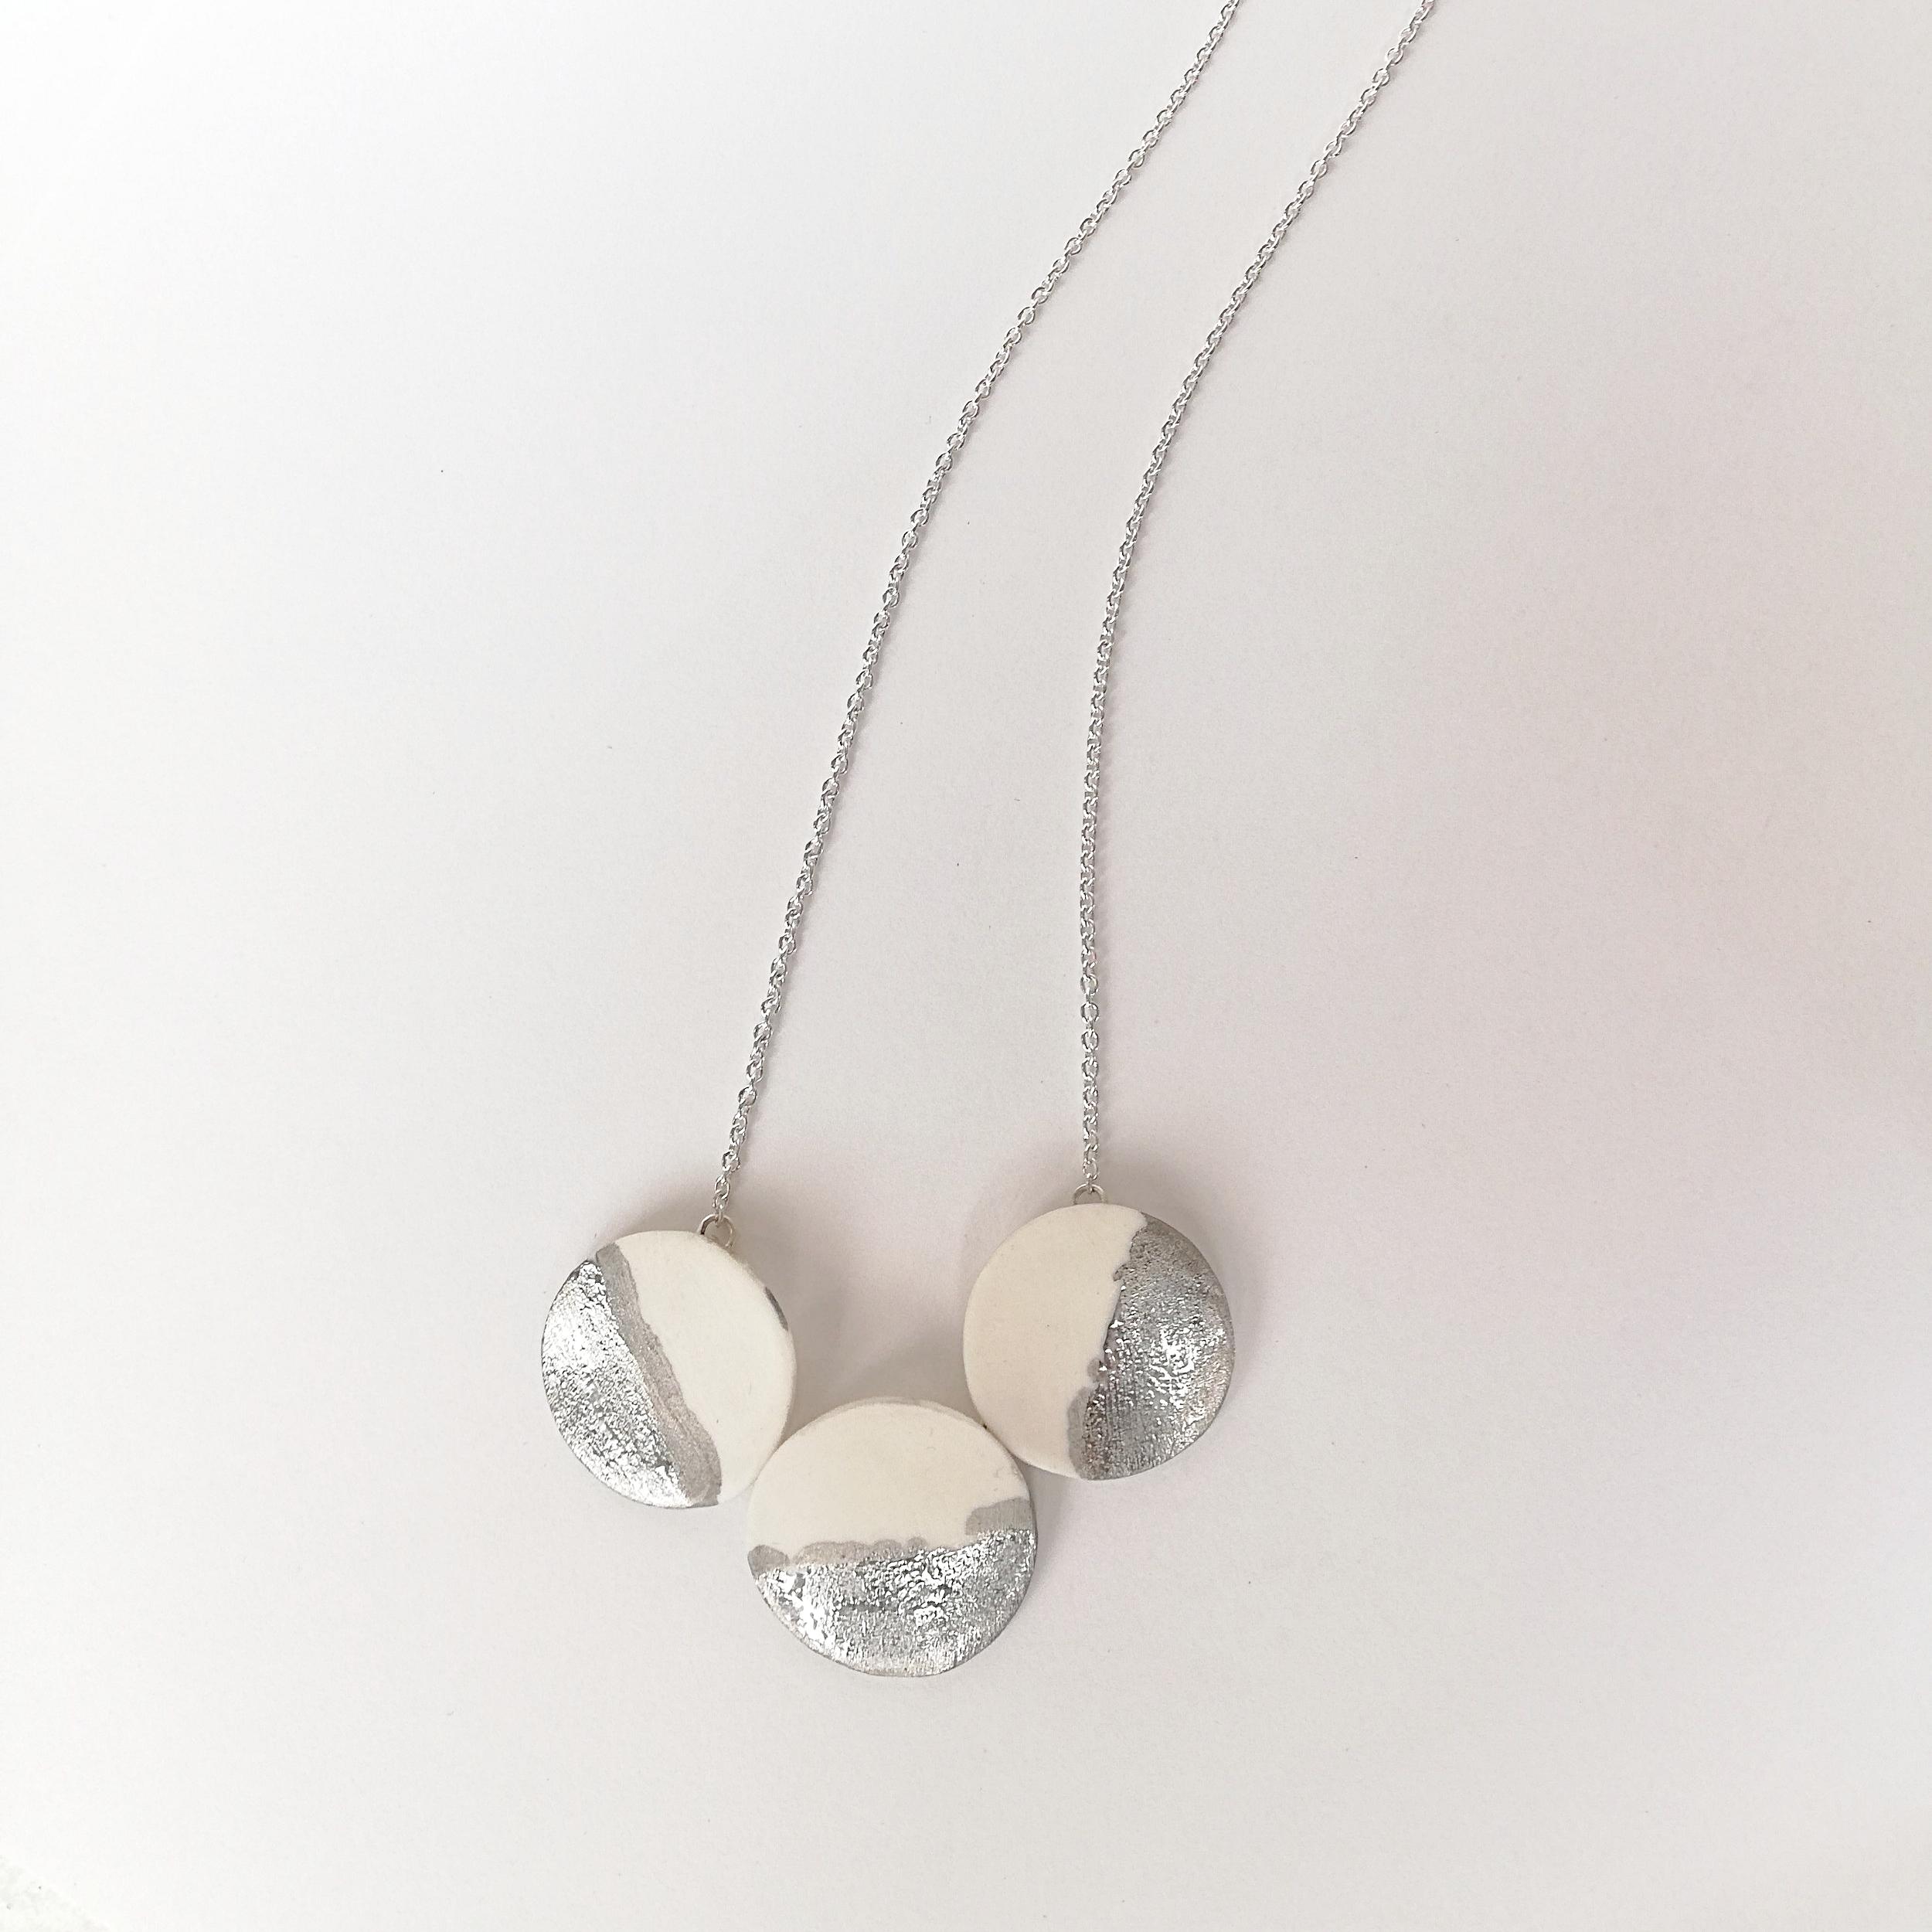 Halsschmuck No.8 - Porzellan mit Platindekor / Silber / Fr. 198.00